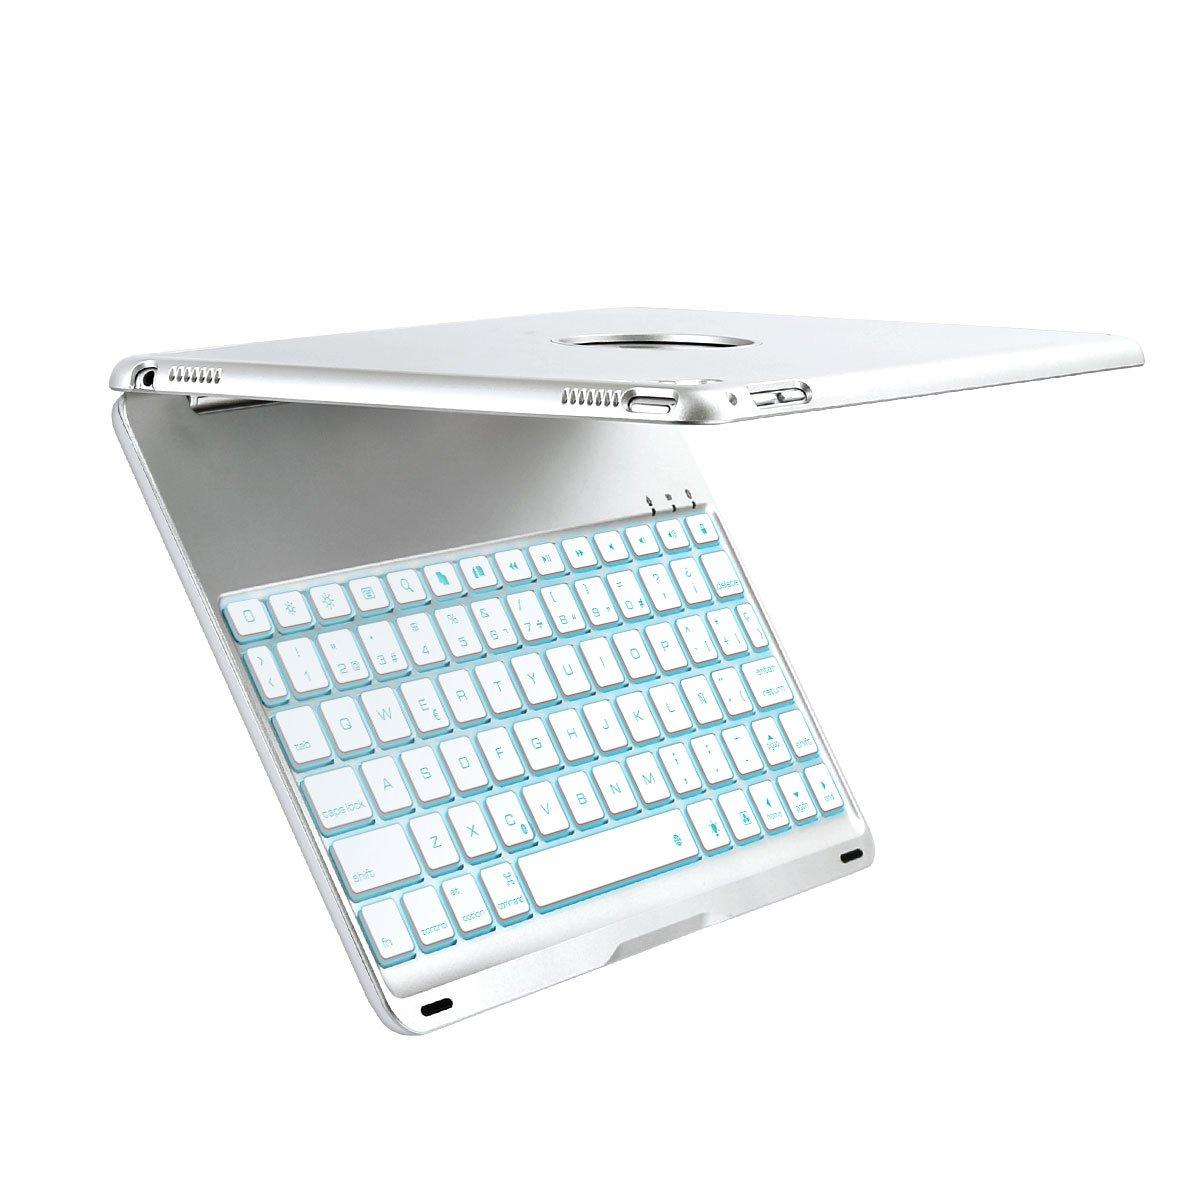 iEGrow - Teclado para iPad Pro 9.7 con Bluetooth y retroiluminación LED